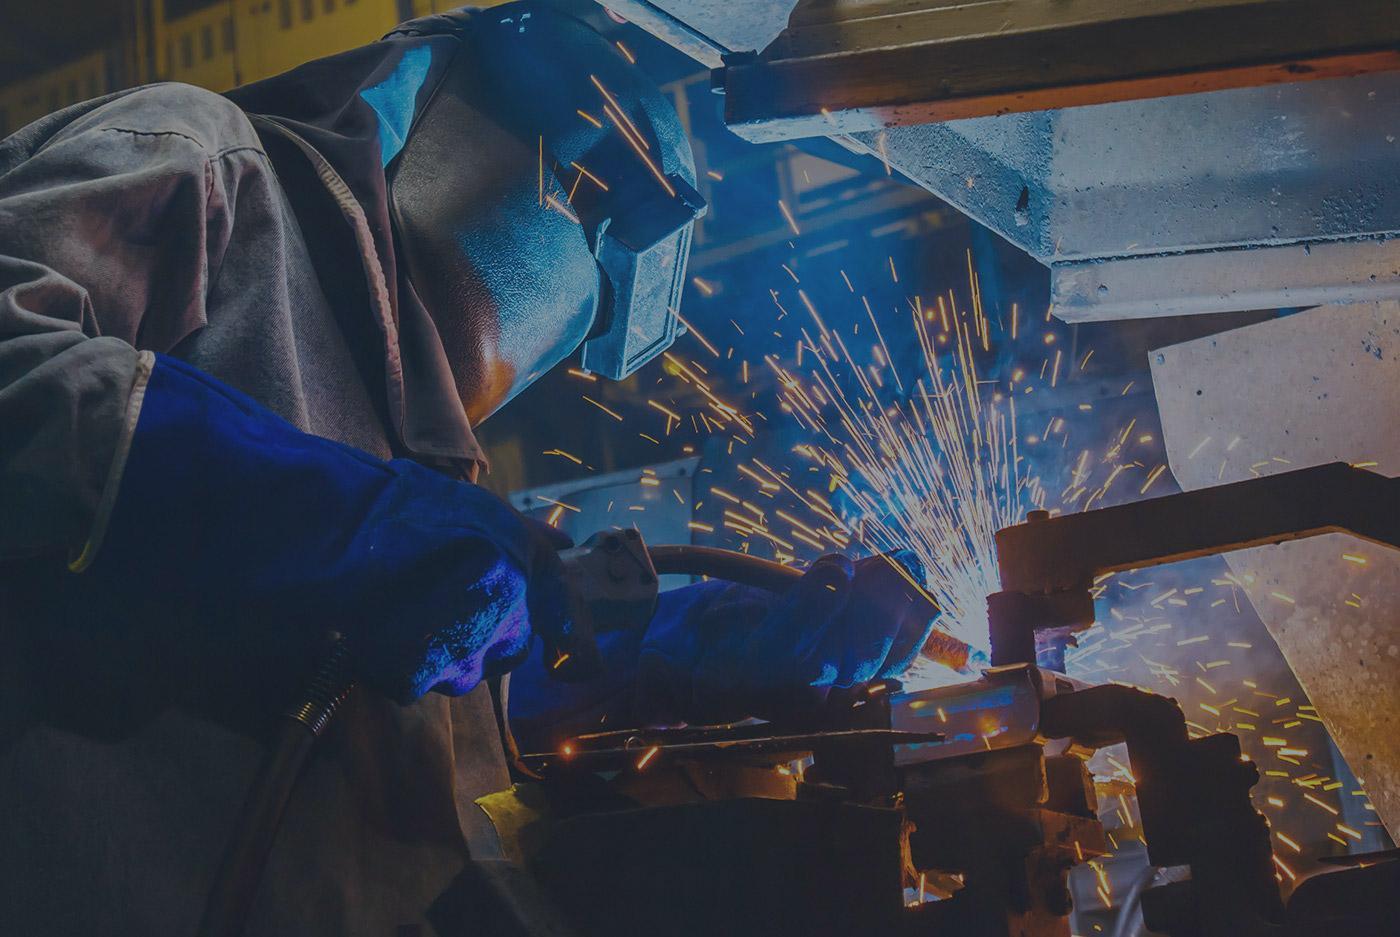 Teollisuusalan, energia-alan, rakennusalan ja tietoliikennealan ammattilaiset